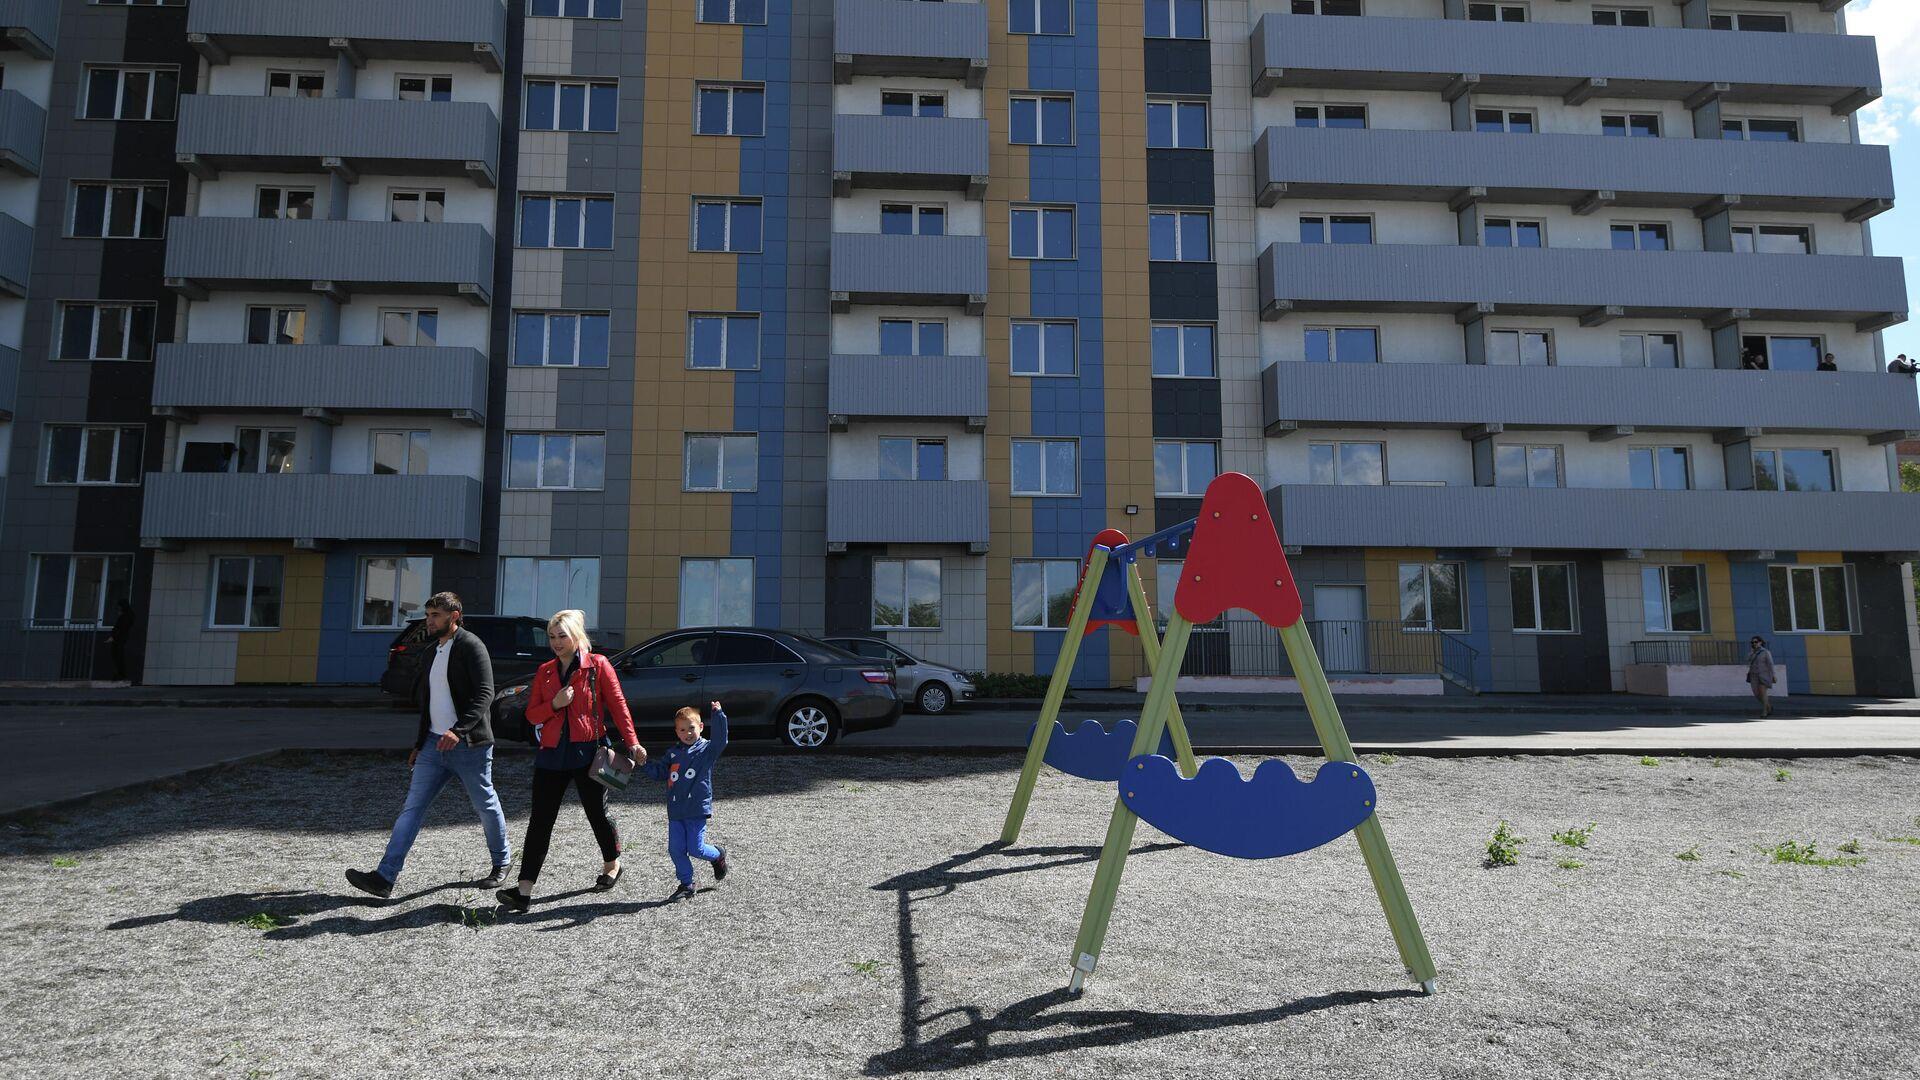 Вручение первых ключей от квартир жильцам нового дома в Новосибирске - РИА Новости, 1920, 30.10.2020